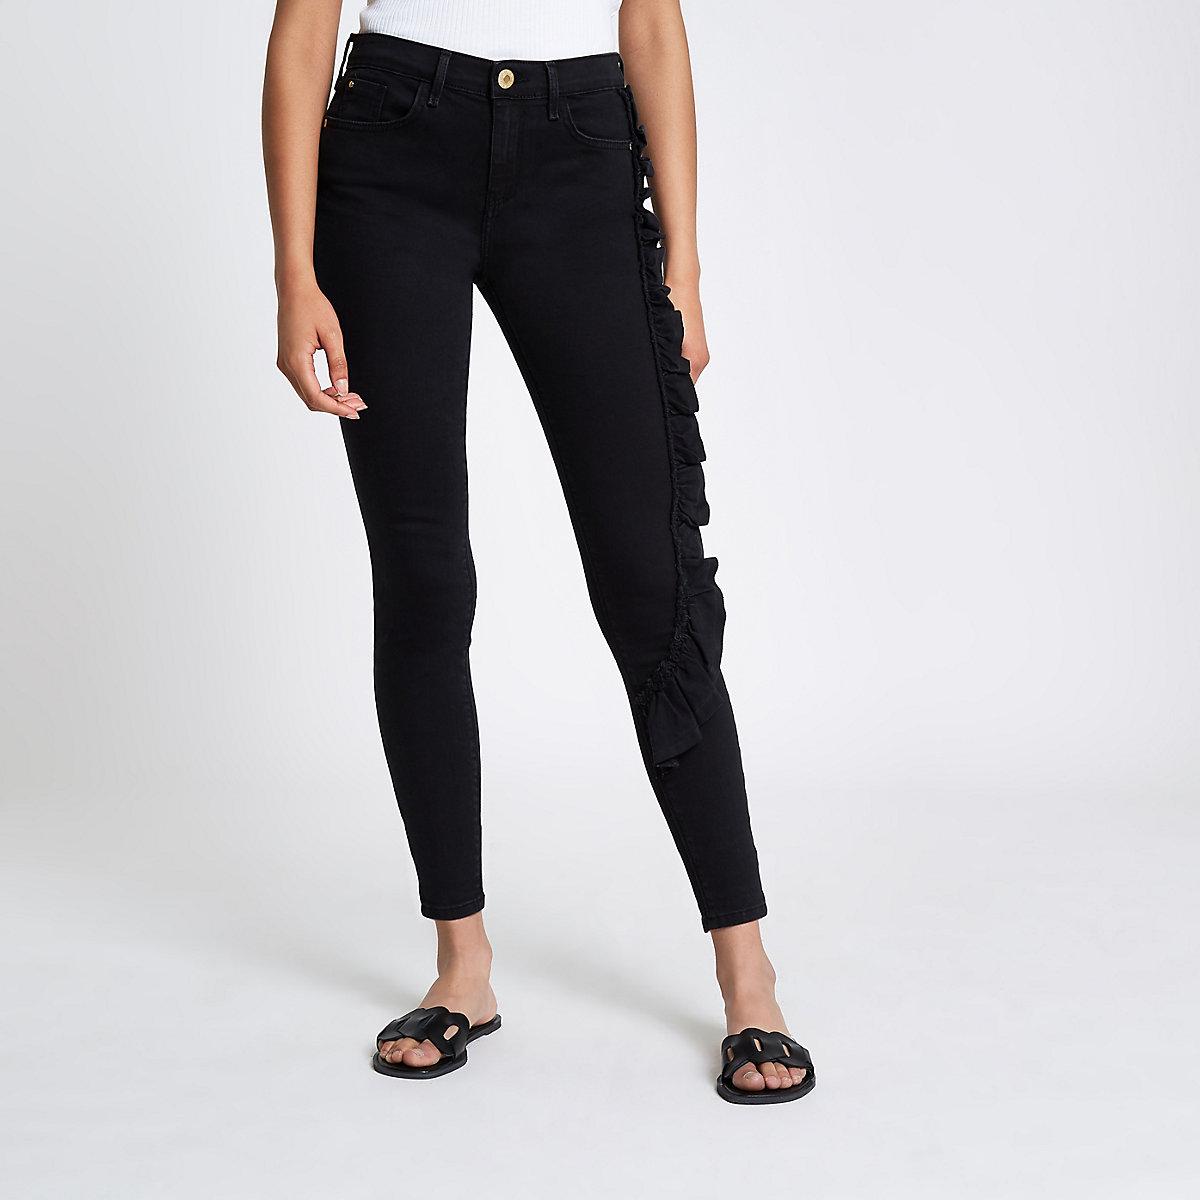 Black Amelie frill super skinny jeans